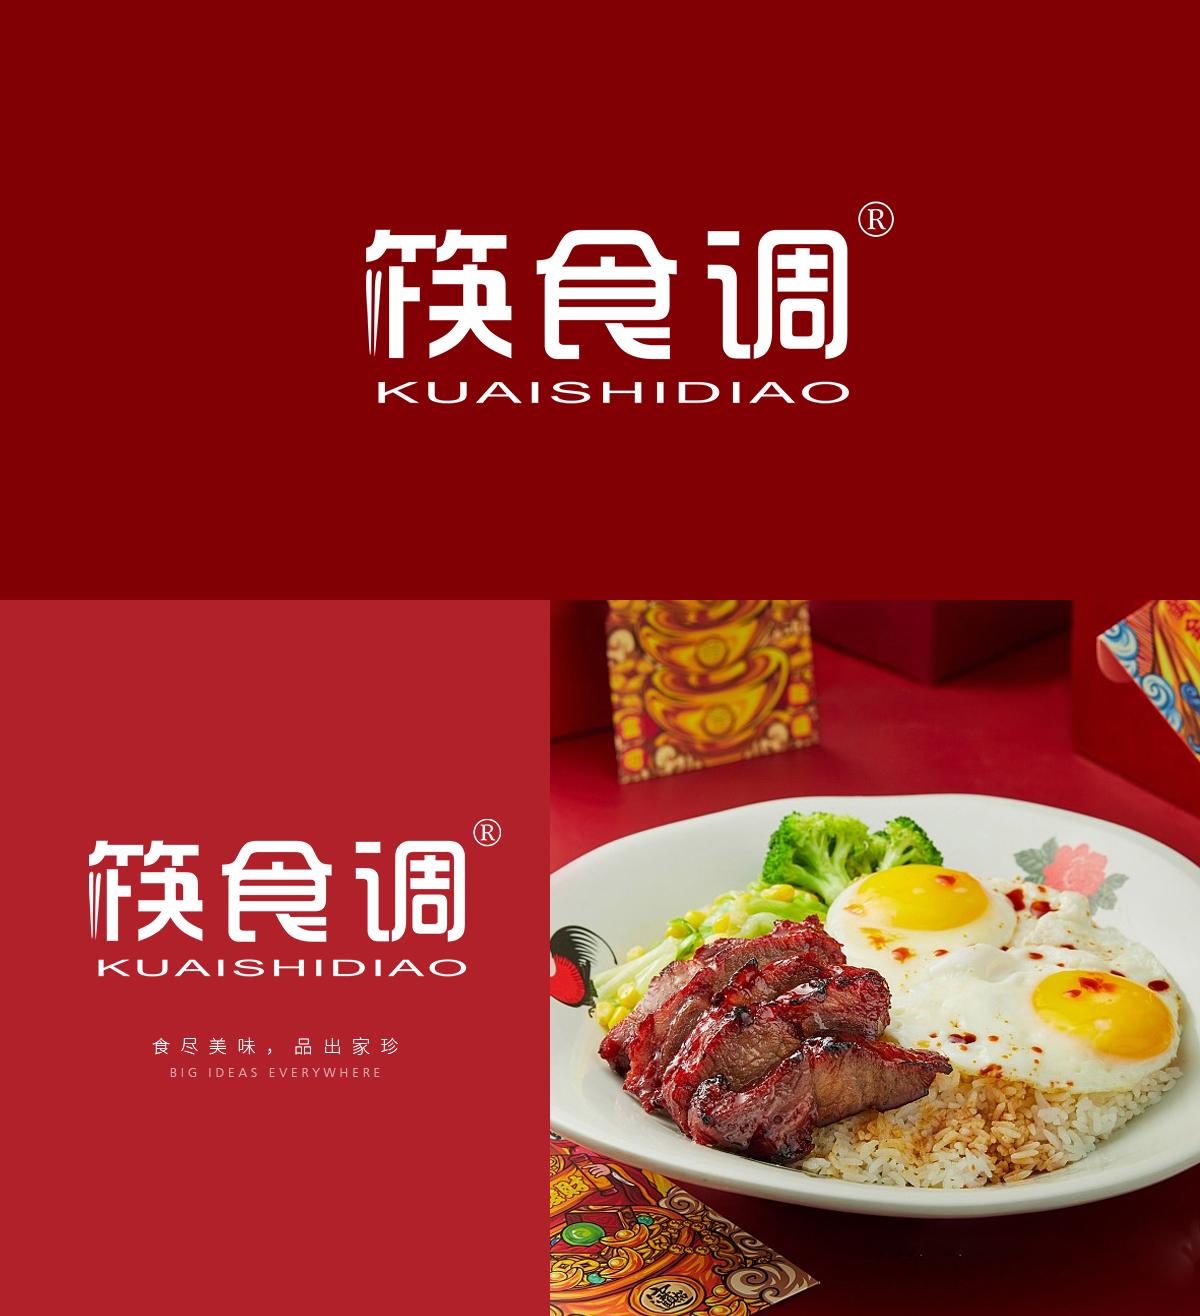 筷食调;KUAISHIDIAO